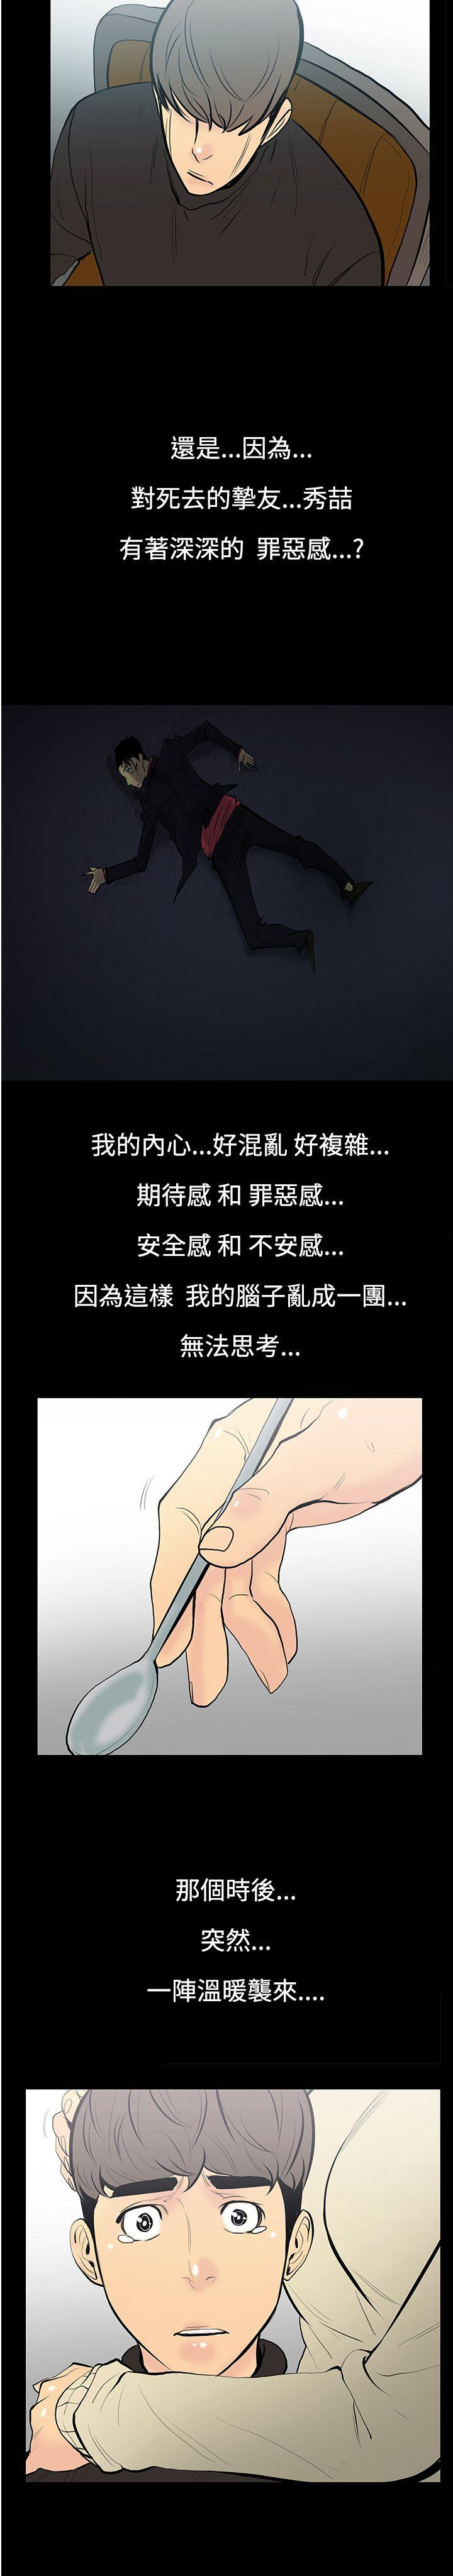 中文韩漫 無法停止的甜蜜關係 Ch.0-12 87